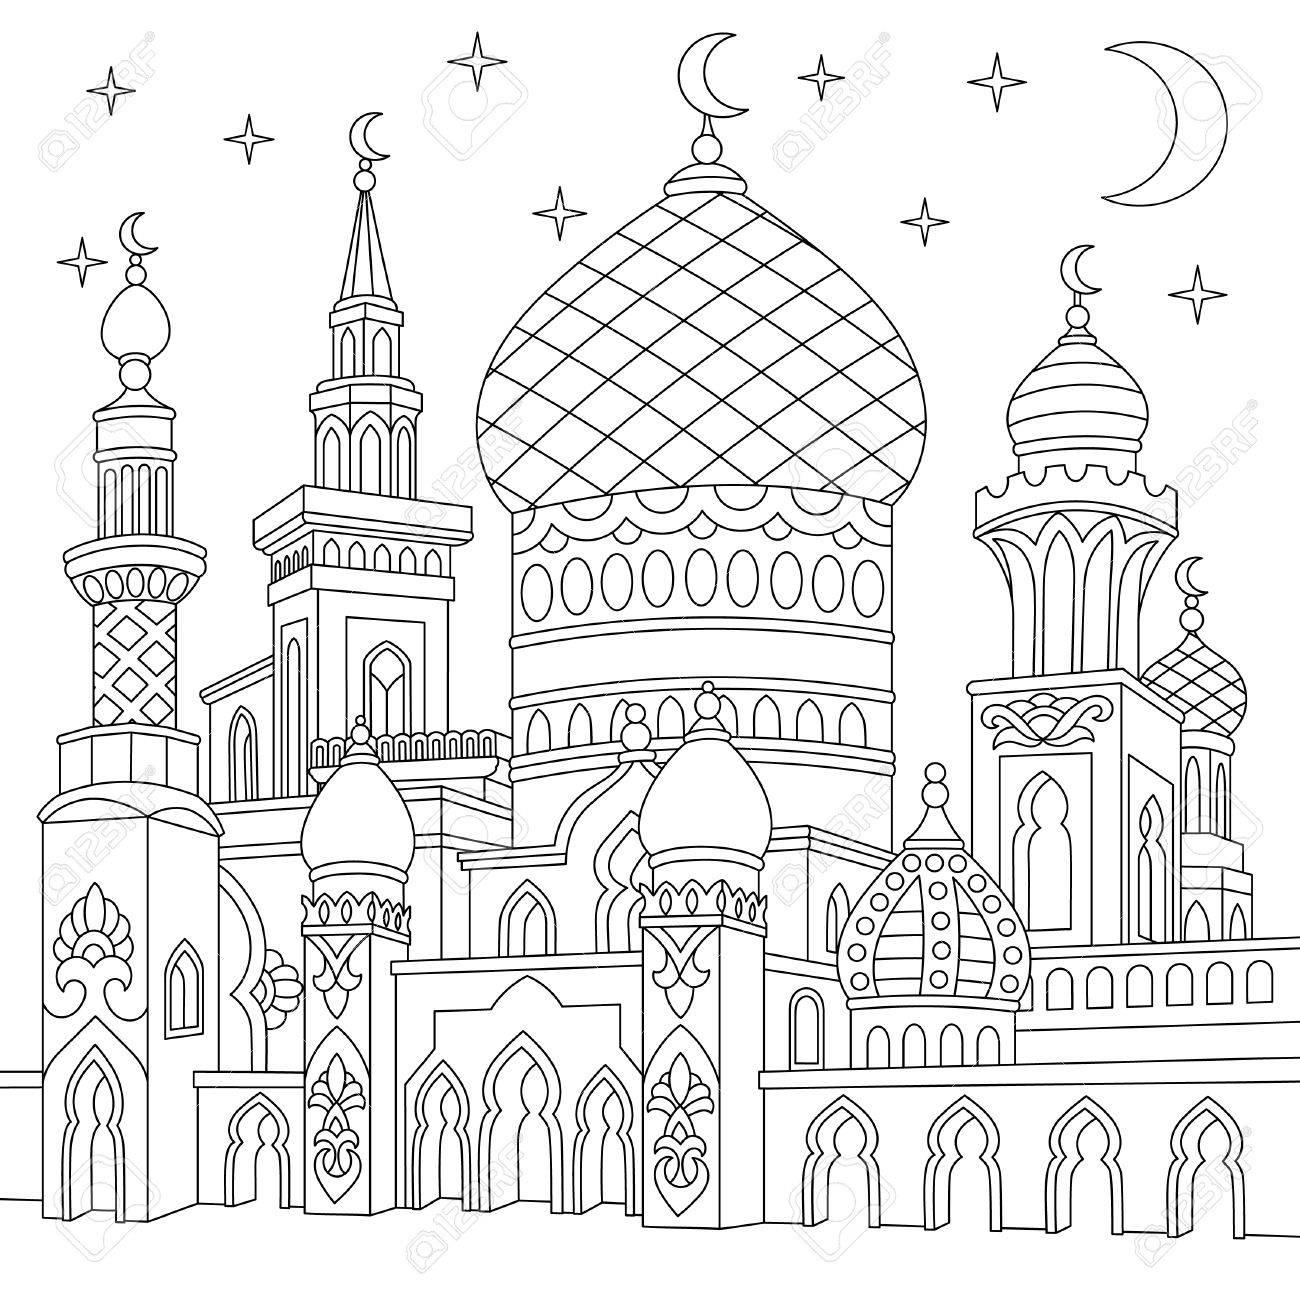 Malvorlage Der Türkischen Moschee, Halbmond, Funkelnde Sterne ...